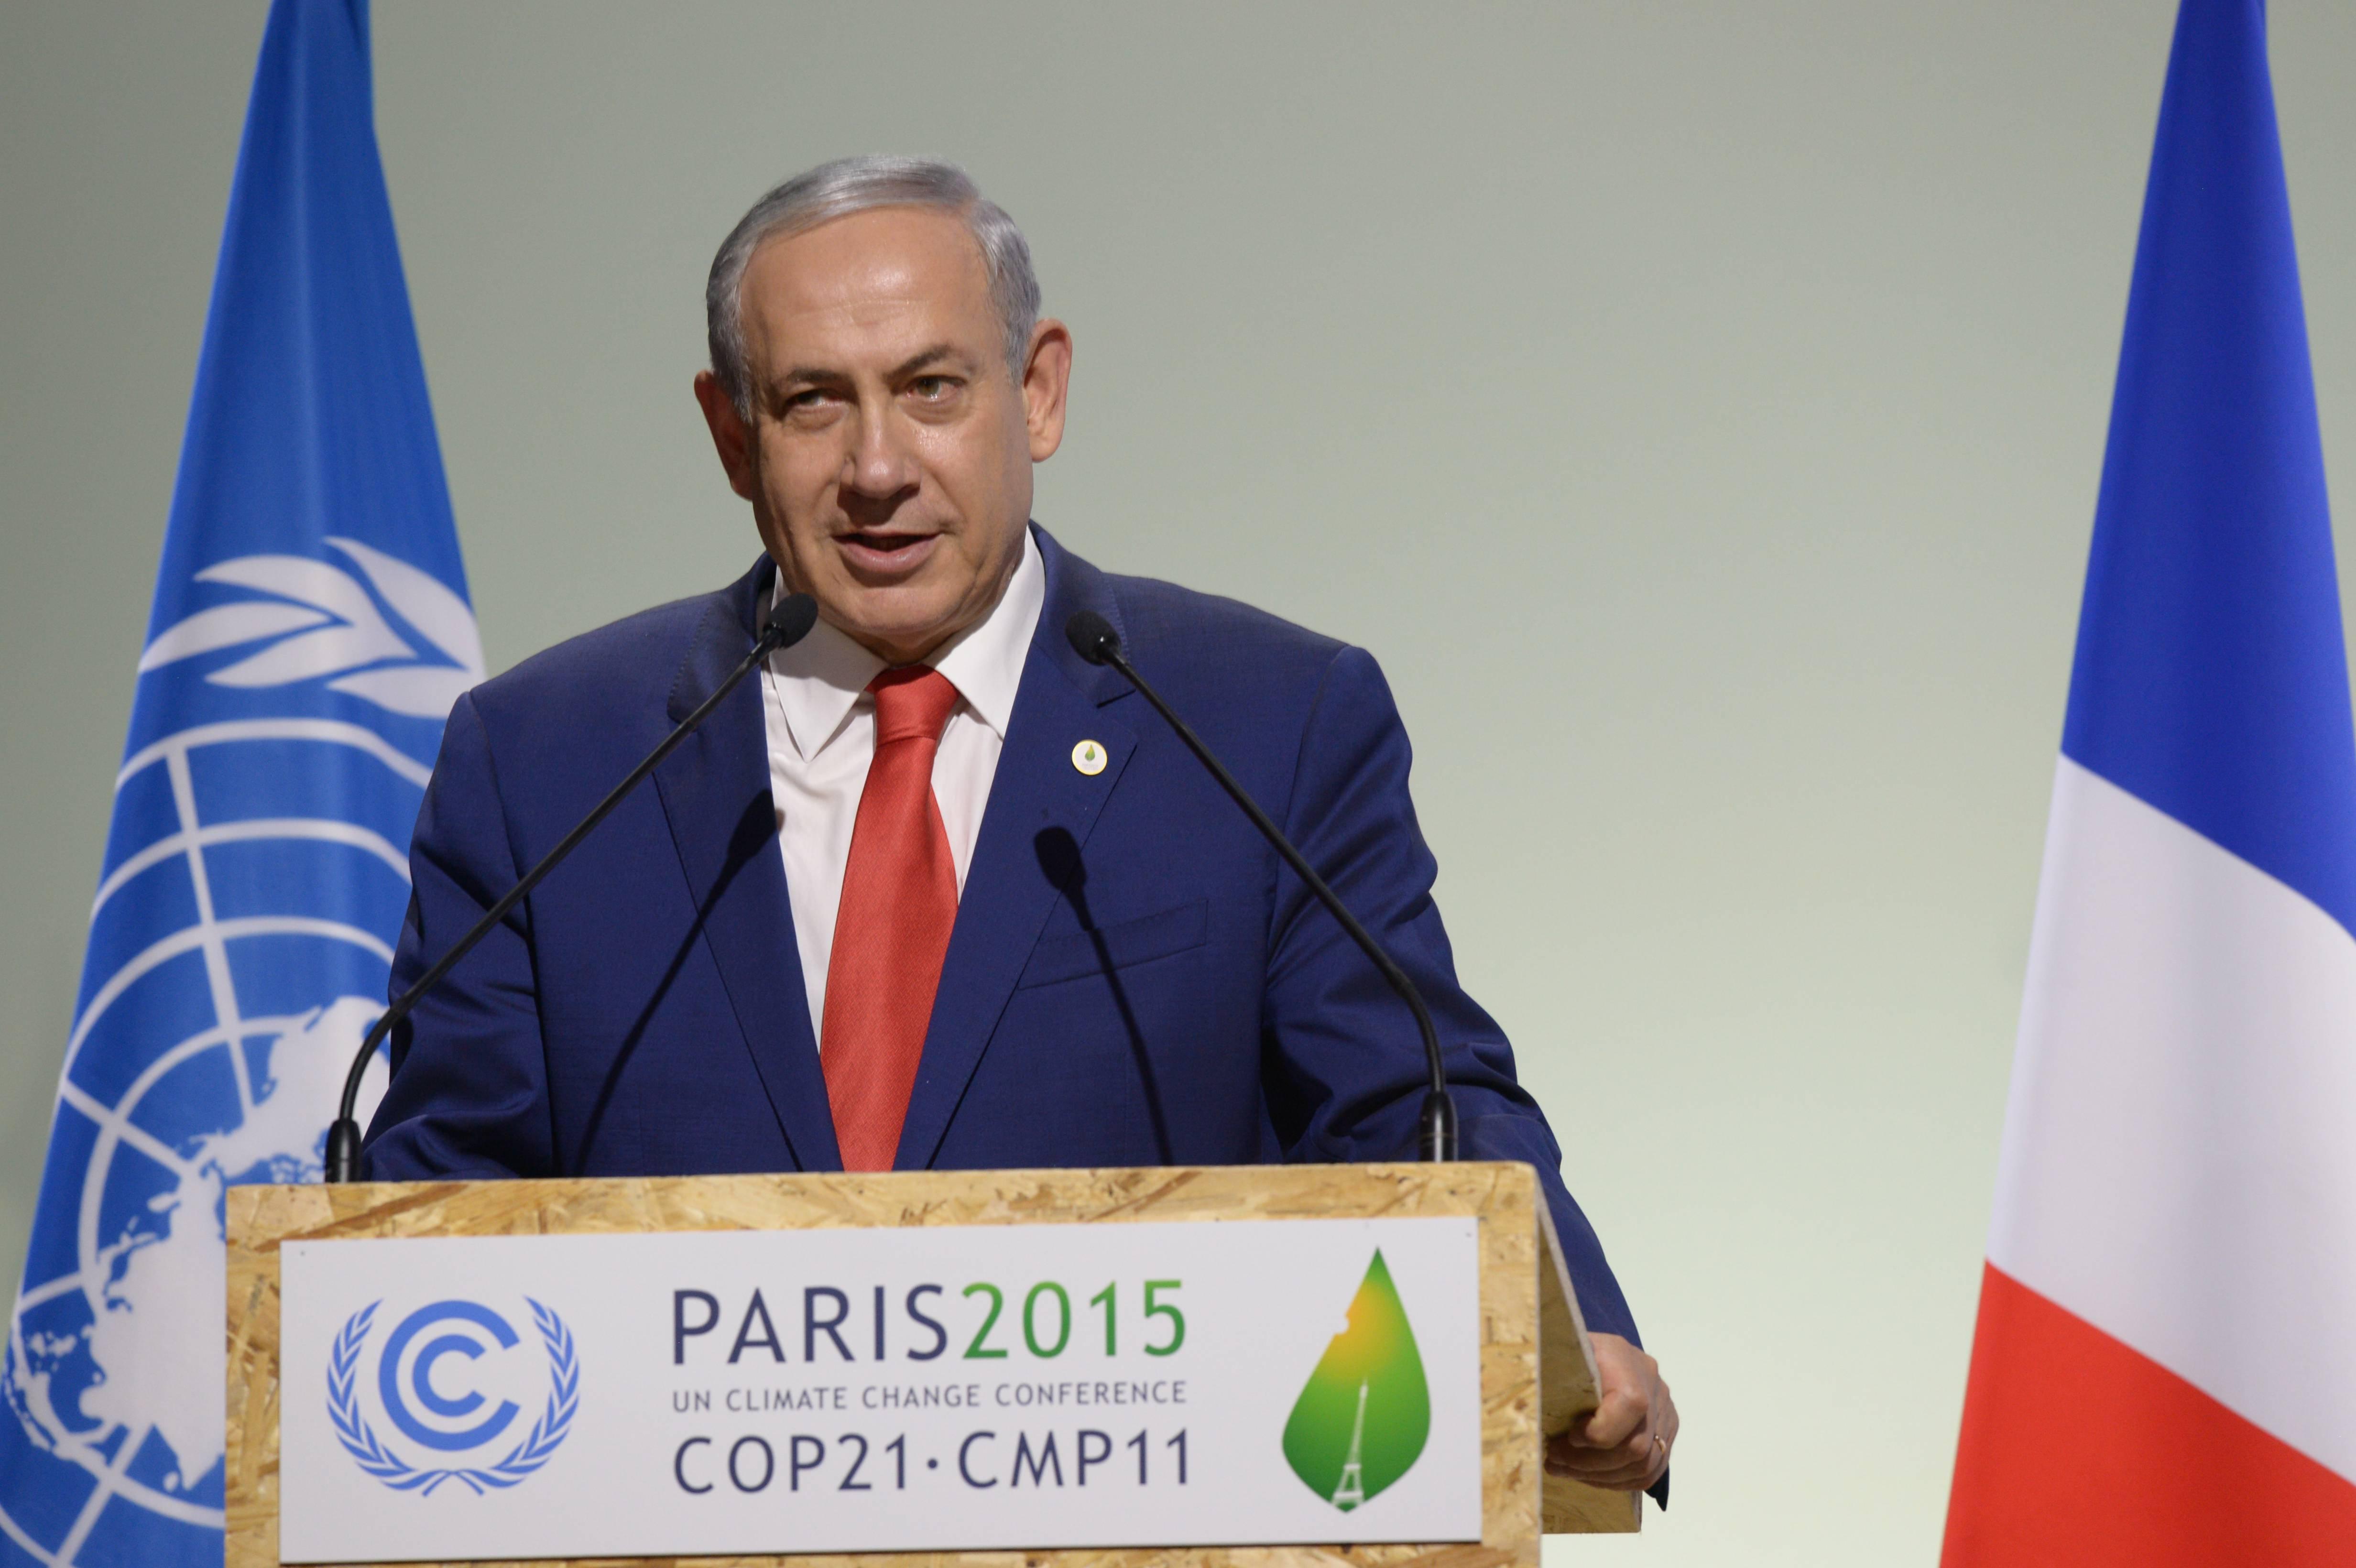 """ראש הממשלה, בנימין נתניהו, בוועידת האקלים של האו""""ם בפריז ב-2015 (עמוס בן גרשום/GPO)"""